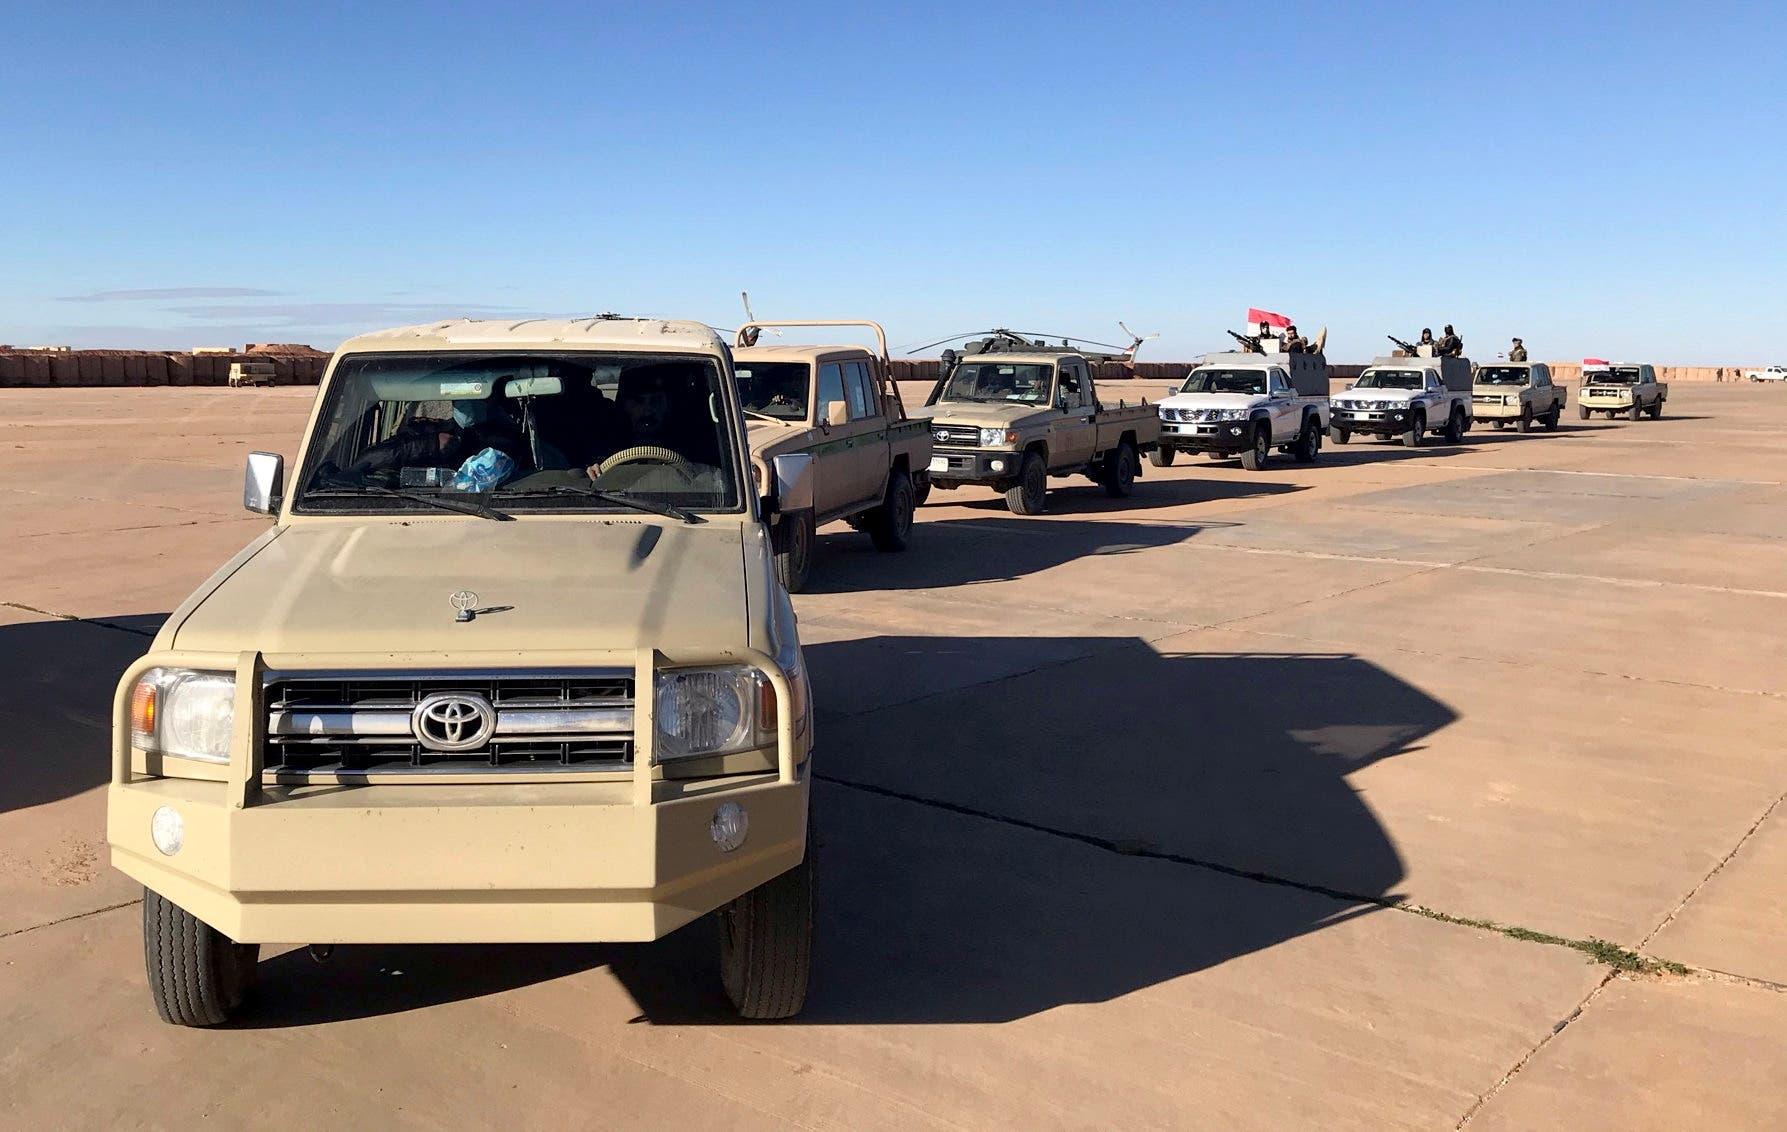 دورية عسكرية عراقية في التنف الحدودية مع سوريا